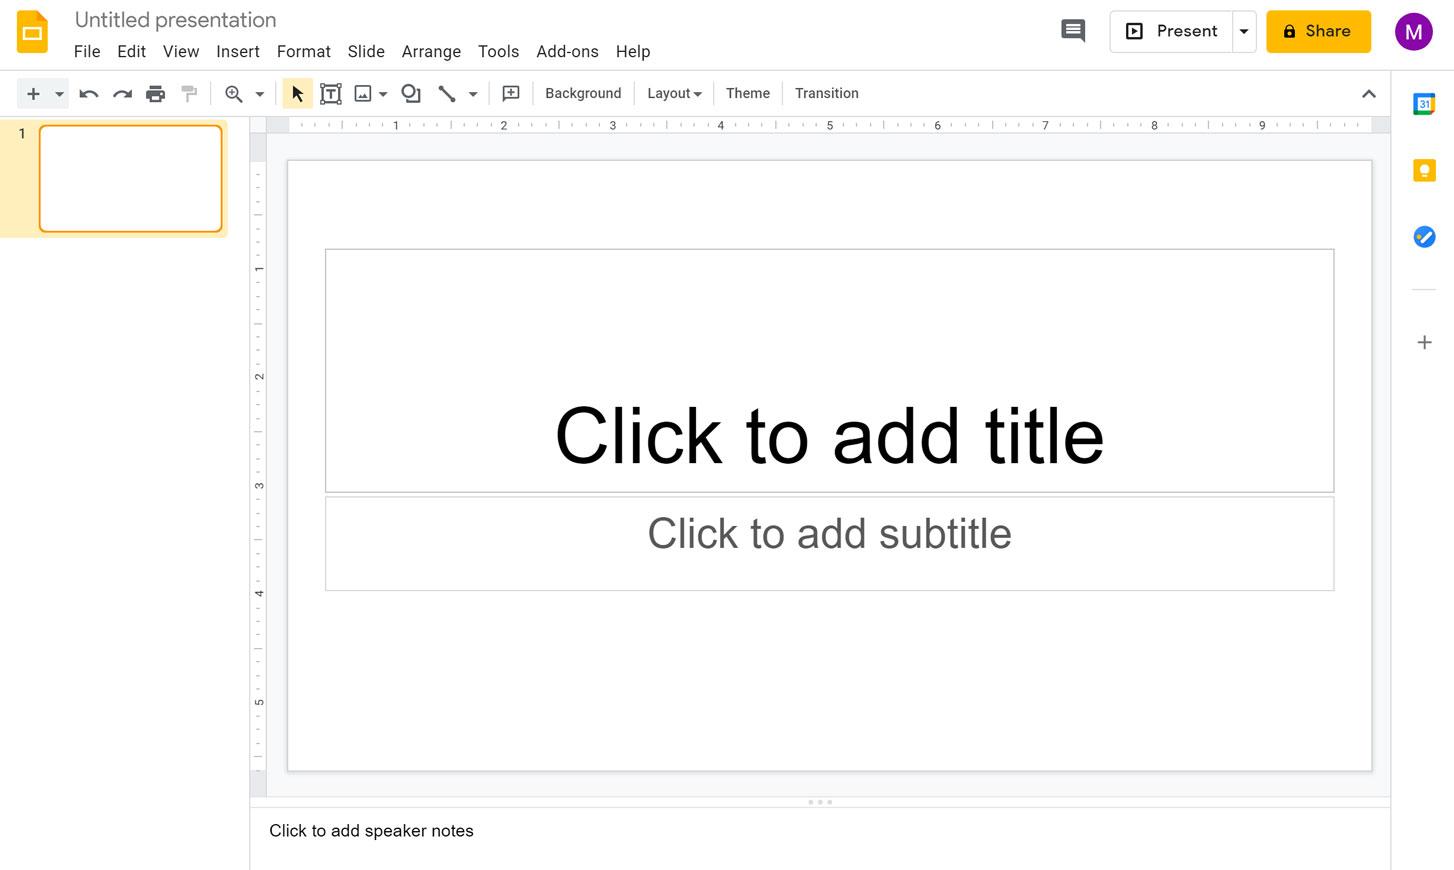 Como usar o powerpoint, word e excel de graça com o office na web. Com uma conta do outlook, você pode usar o powerpoint, word e excel de graça - neste post, comparamos o serviço com o pacote google